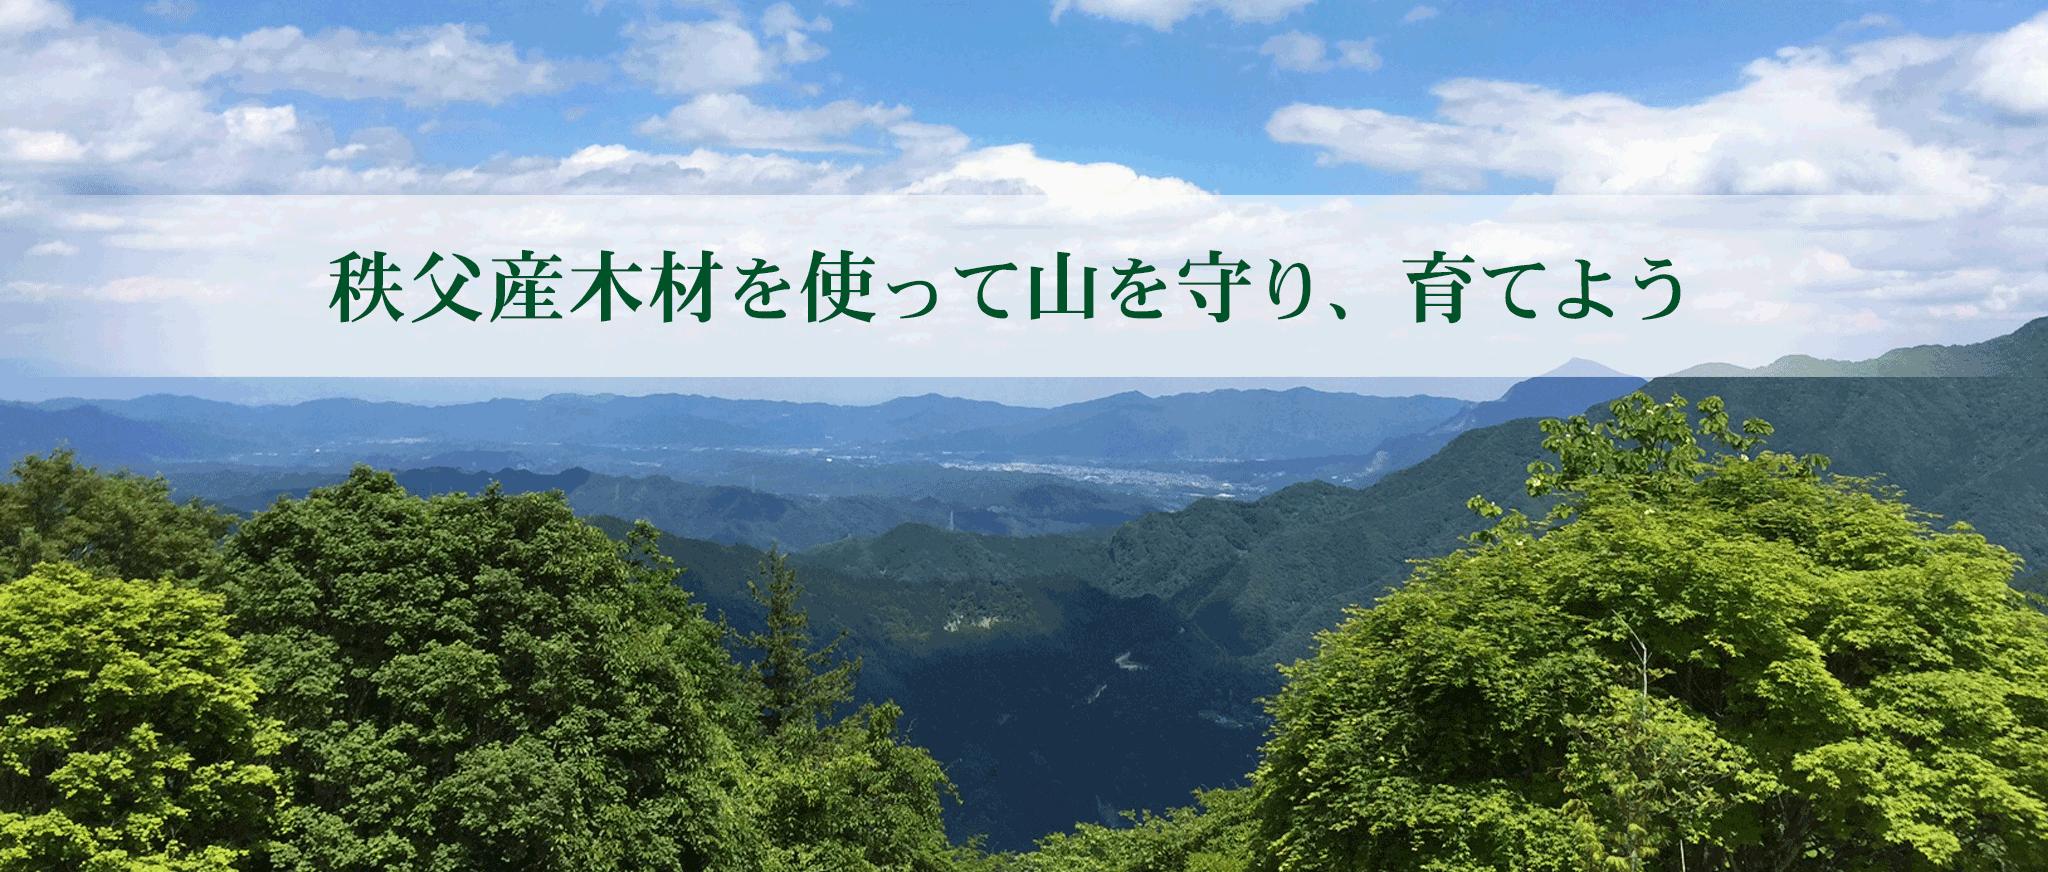 森のおくりもの:メインイメージ